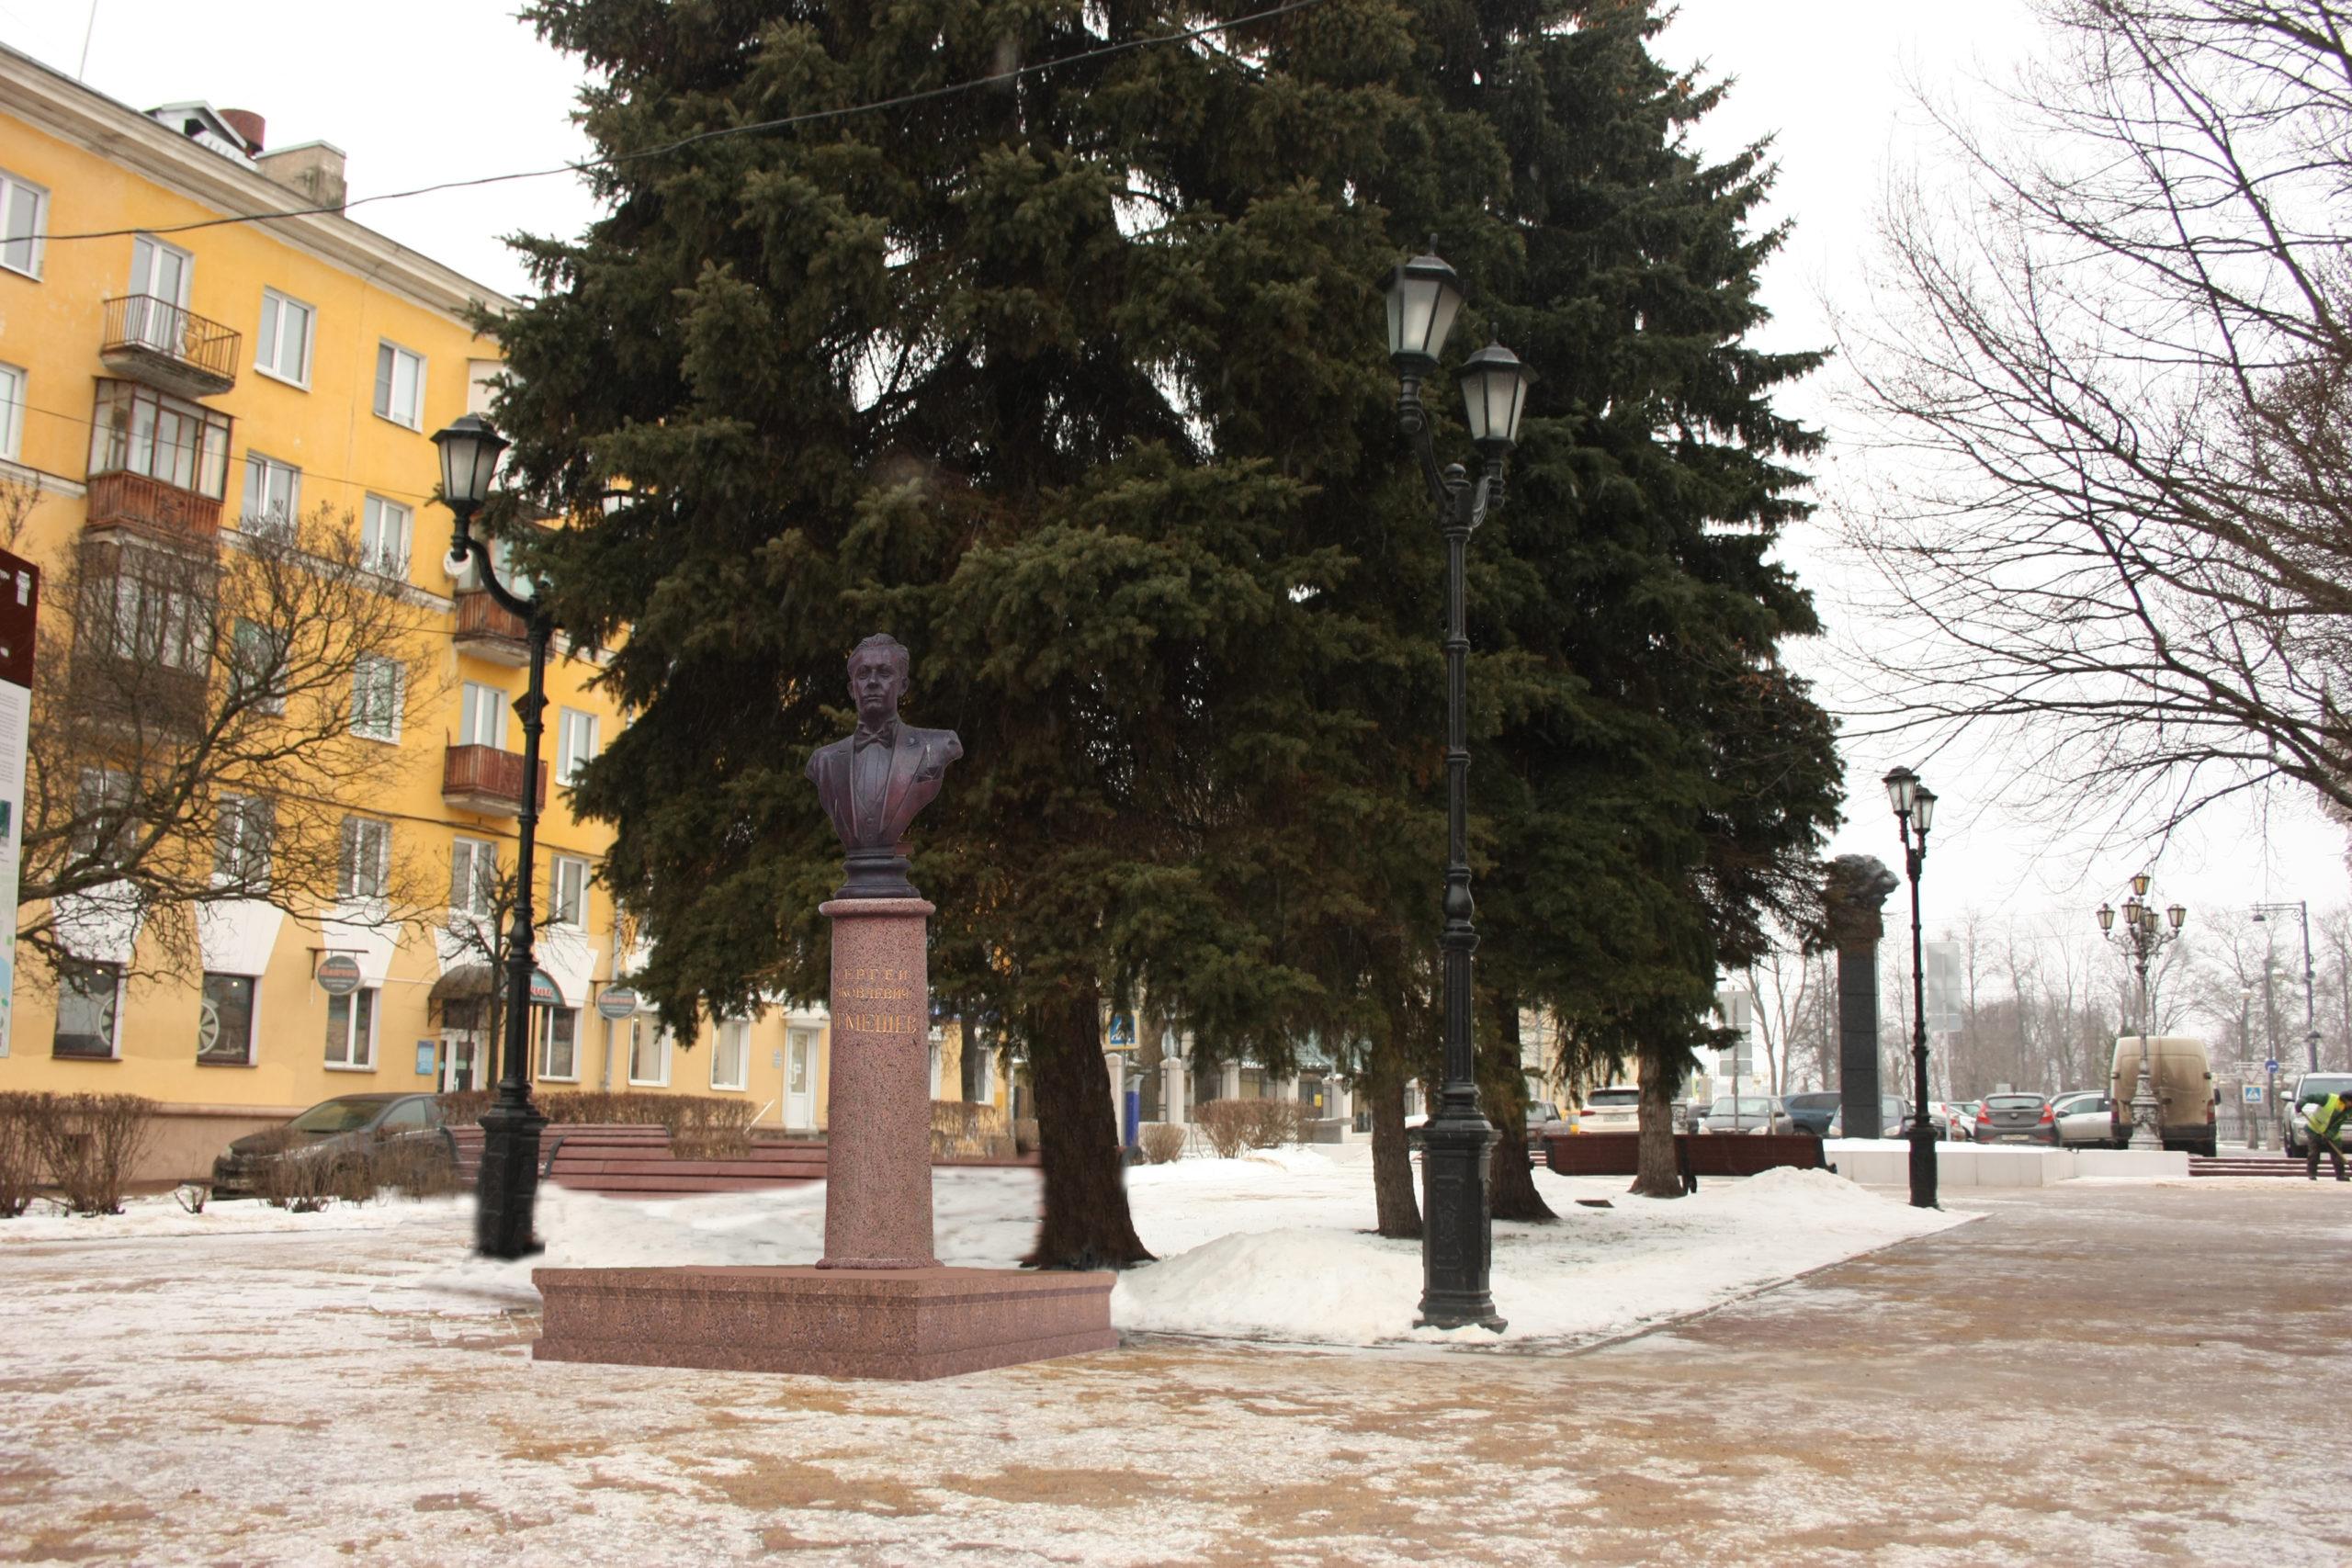 Комиссия по топонимике одобрила установку бюста Лемешеву в сквере напротив Тверской филармонии